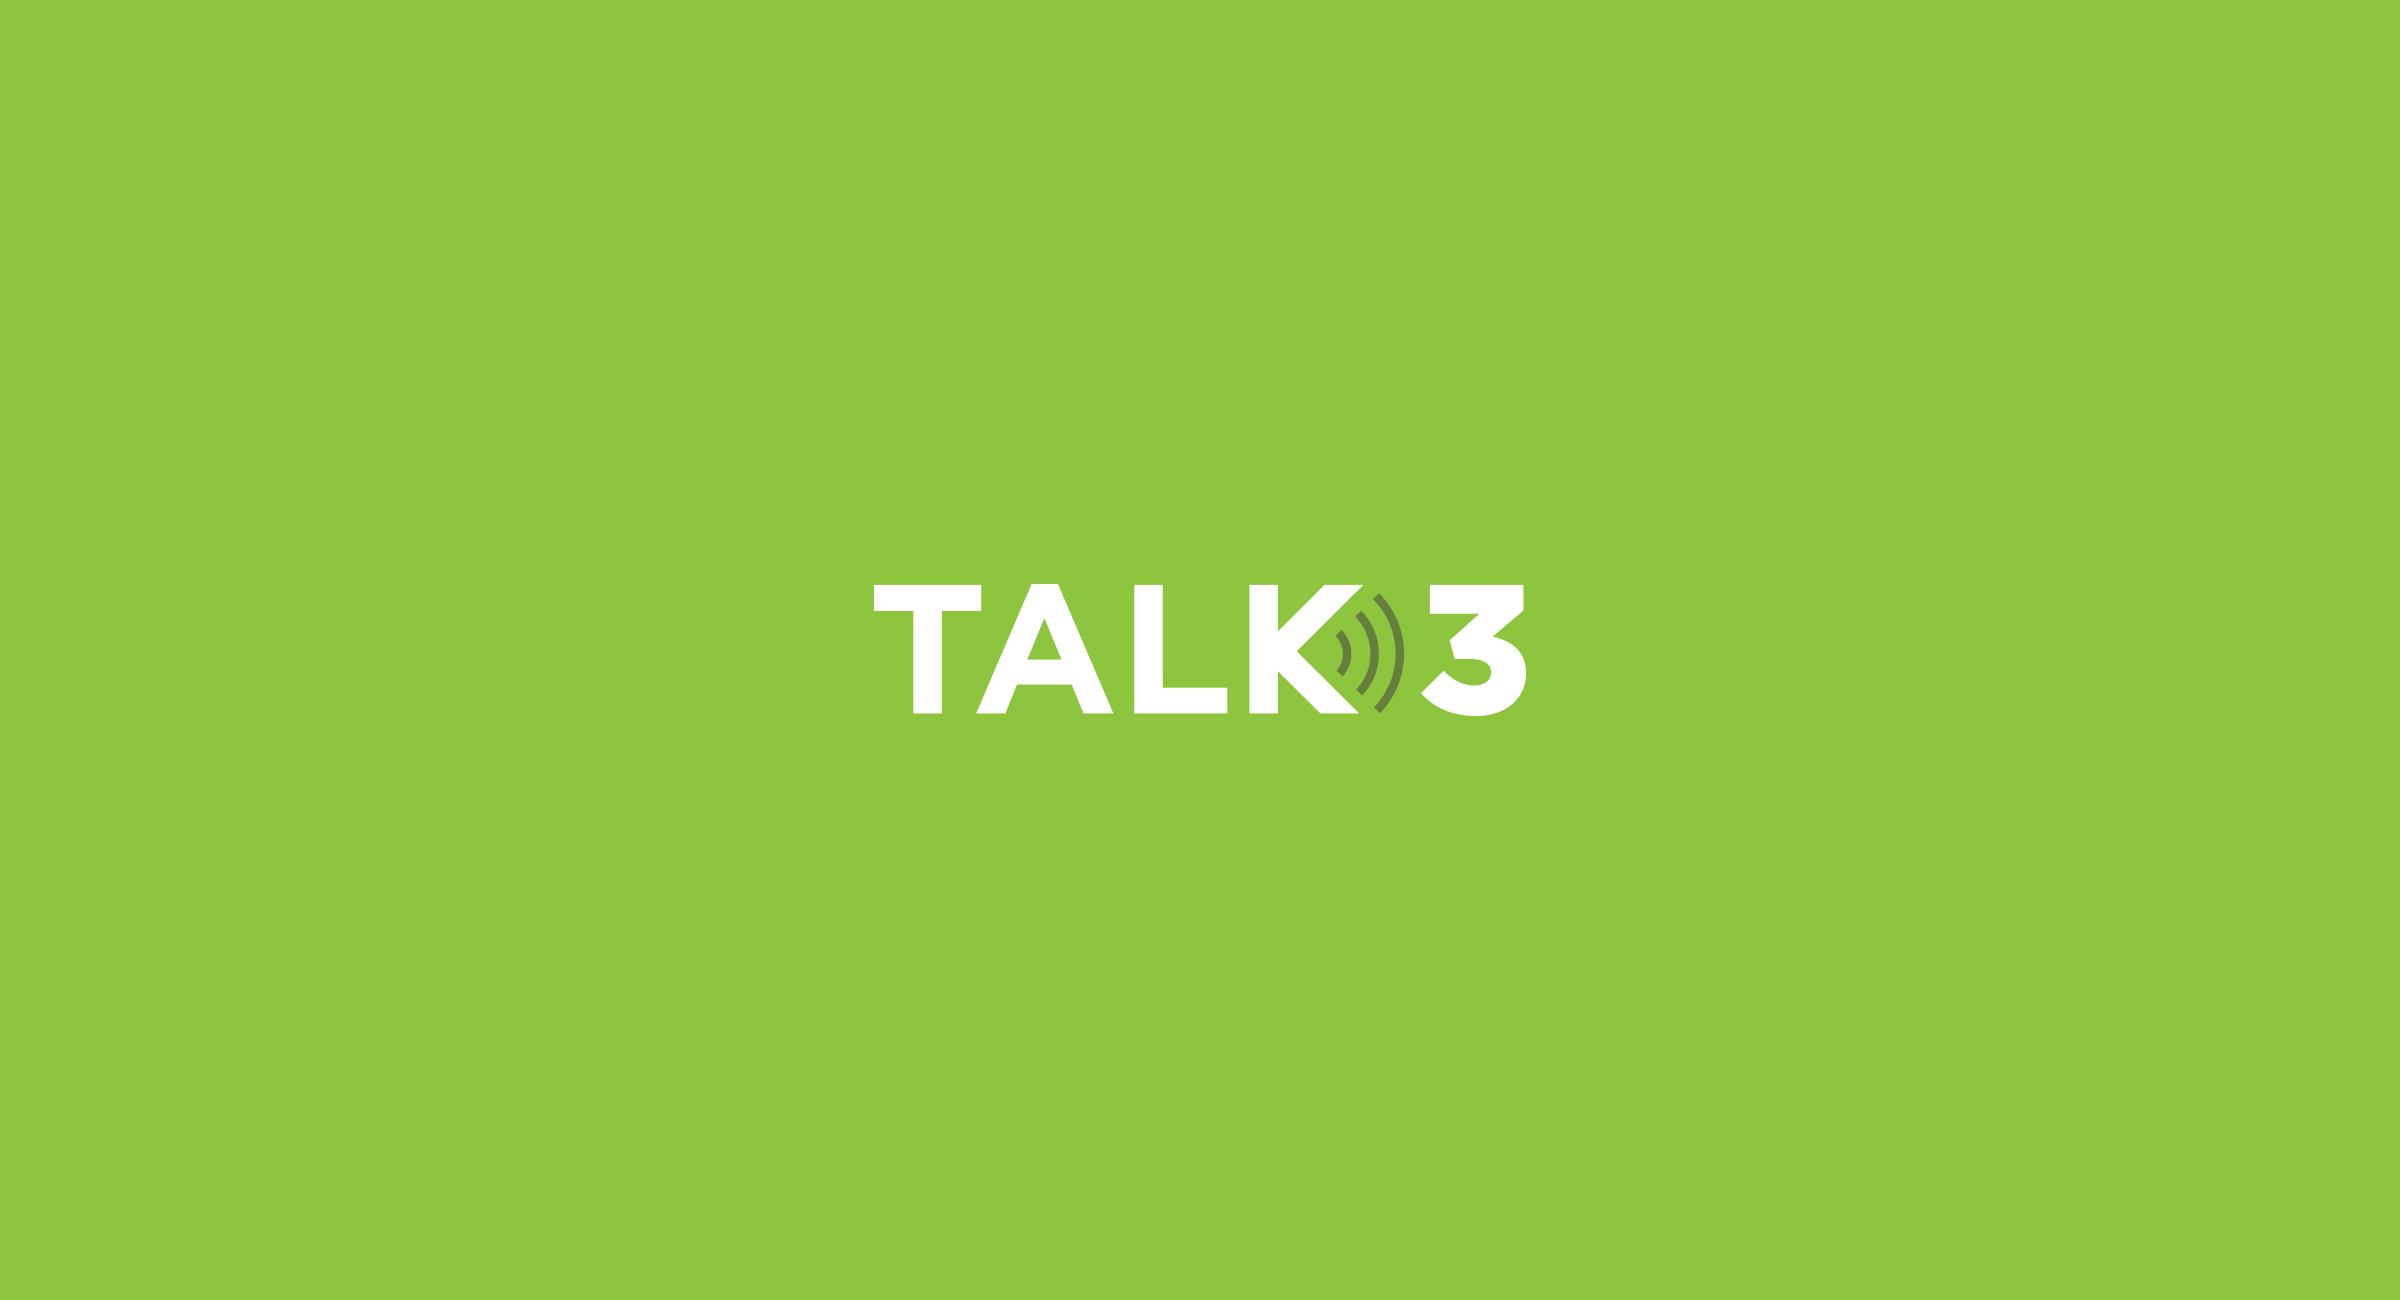 Logo_Branding_Talk3_McQuade_Design.jpg